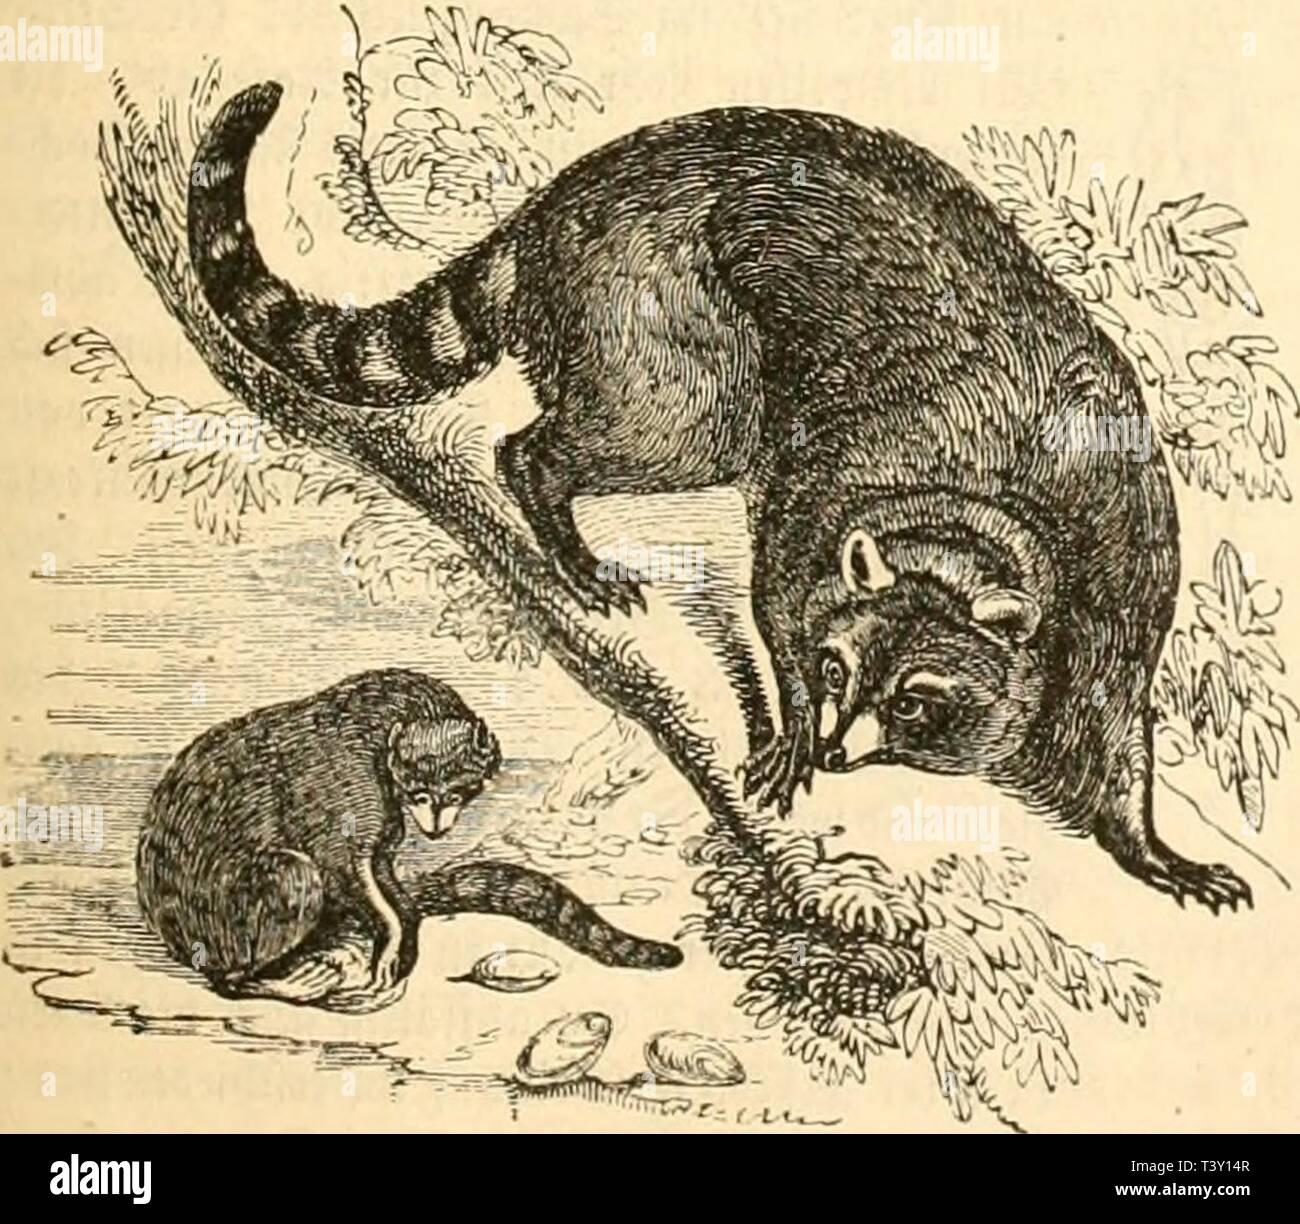 Archive image from page 224 of Die Naturgeschichte des Thierreichs (1859). Die Naturgeschichte des Thierreichs  dienaturgeschich01gieb Year: 1859  Ter nniieine SBofdjliäv. T)ie taaten Jeimat tcö äBafd;bären liegt in ten inn-eiiiten Si'iMtamerifaö, wo er bi« in Tic iiclargegenten 7iu\. 3öi    Tel- sjdiieiiie aL'afilil-ai-. mung ift ober irgenti etipa« Sntereffante« auf tcr pur bat, fd'ivft er leidn unt bebenb taliin, fteüt fidi fpäbent auf tie ,*}intcrbeine, flettert gefducft unt fdined ron St]! ,;u »>lft. Smige «Icbren i'cn aJiat«, 3urfcrrcbr, Slepfcl, Äaftanien, SBeintraubcn »äbtt er jur * Stock Photo